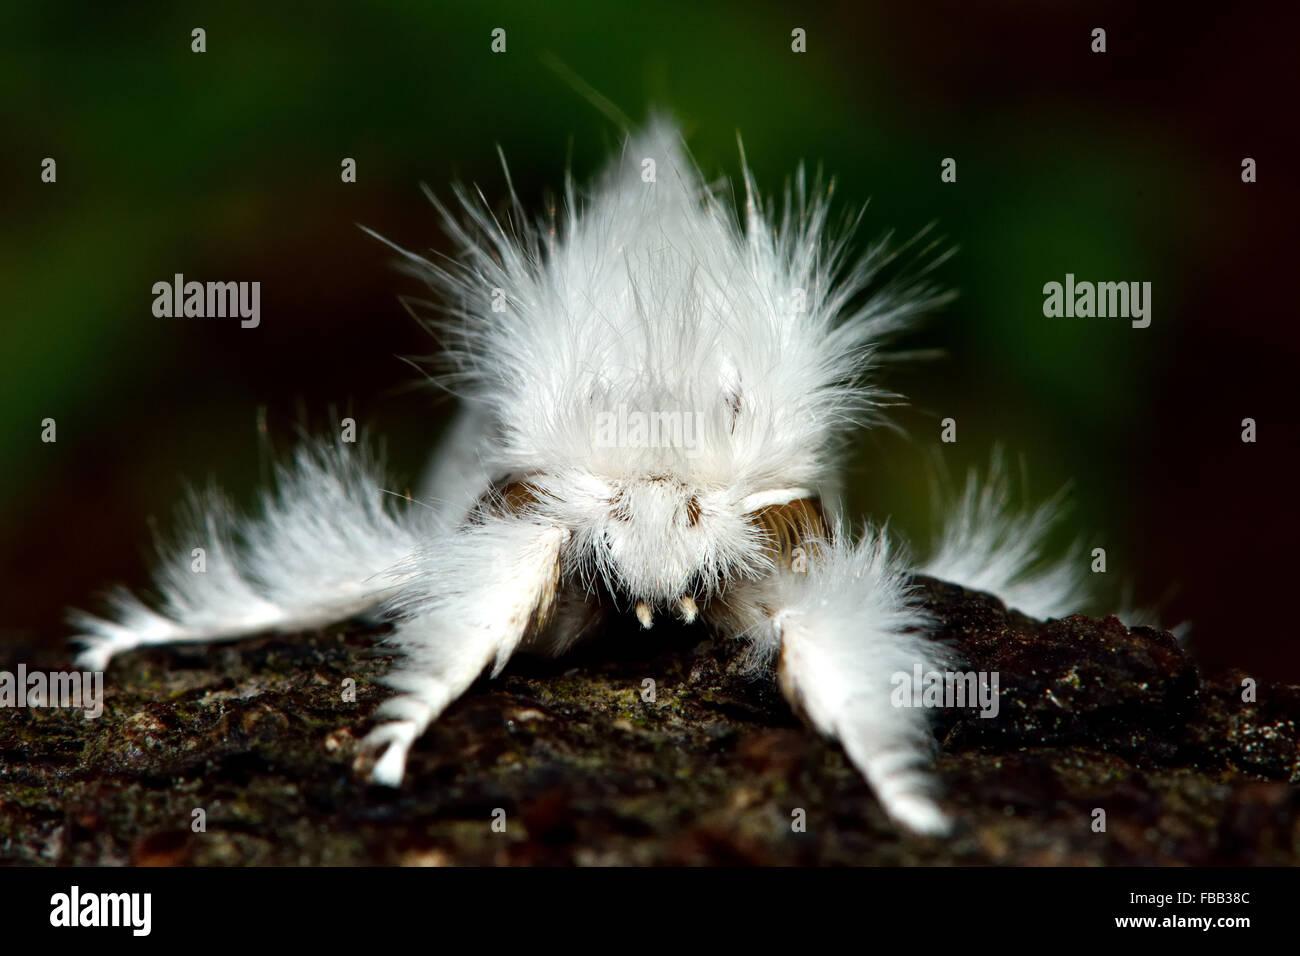 Gelb-Tail Motte (Euproctis Similis). Ein außergewöhnlich behaarte Motte in der Familie Erebidae, frontal Stockbild